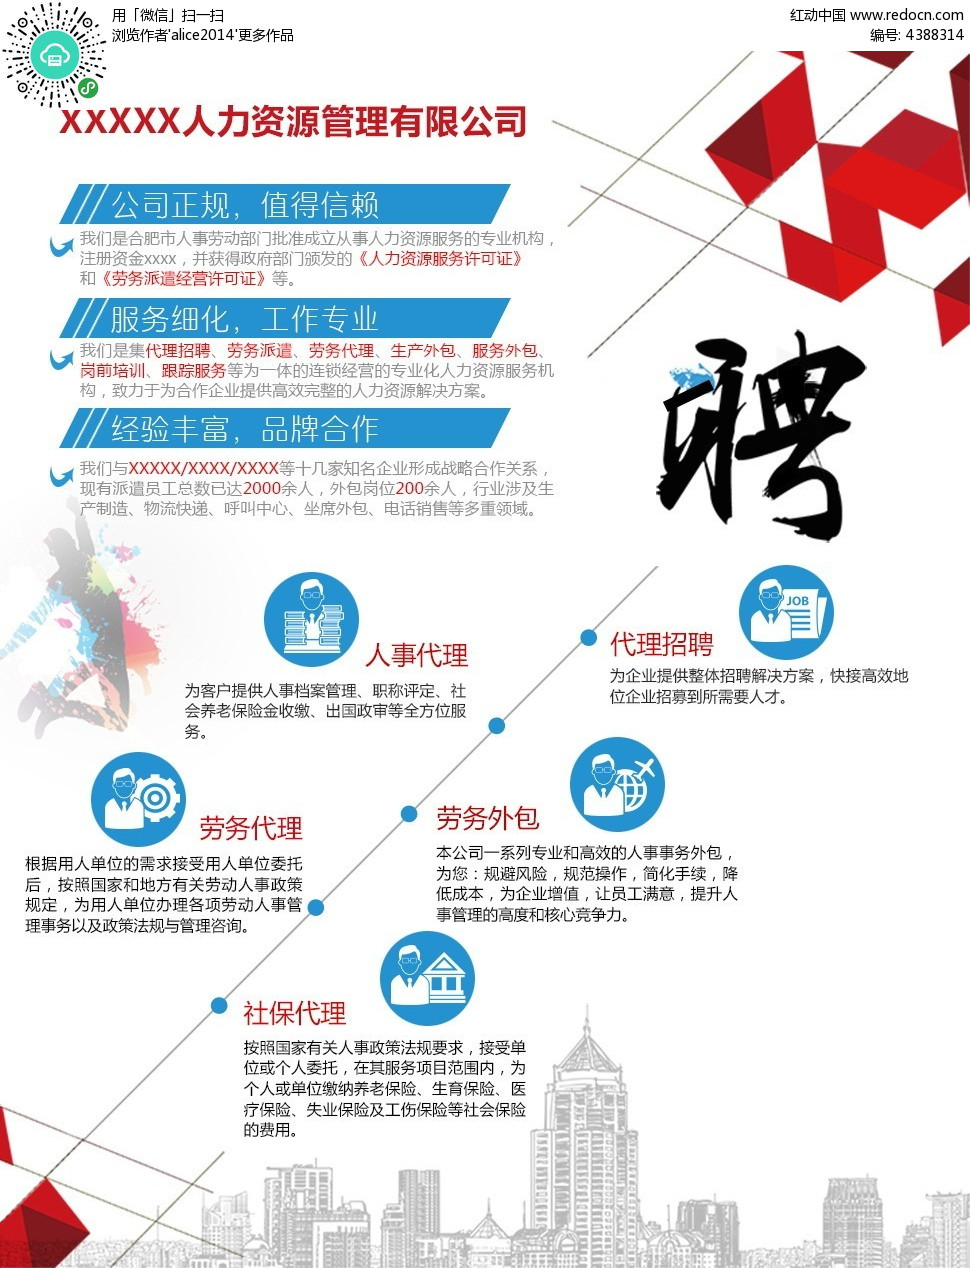 人力资源管理协会2011年度招新策划书